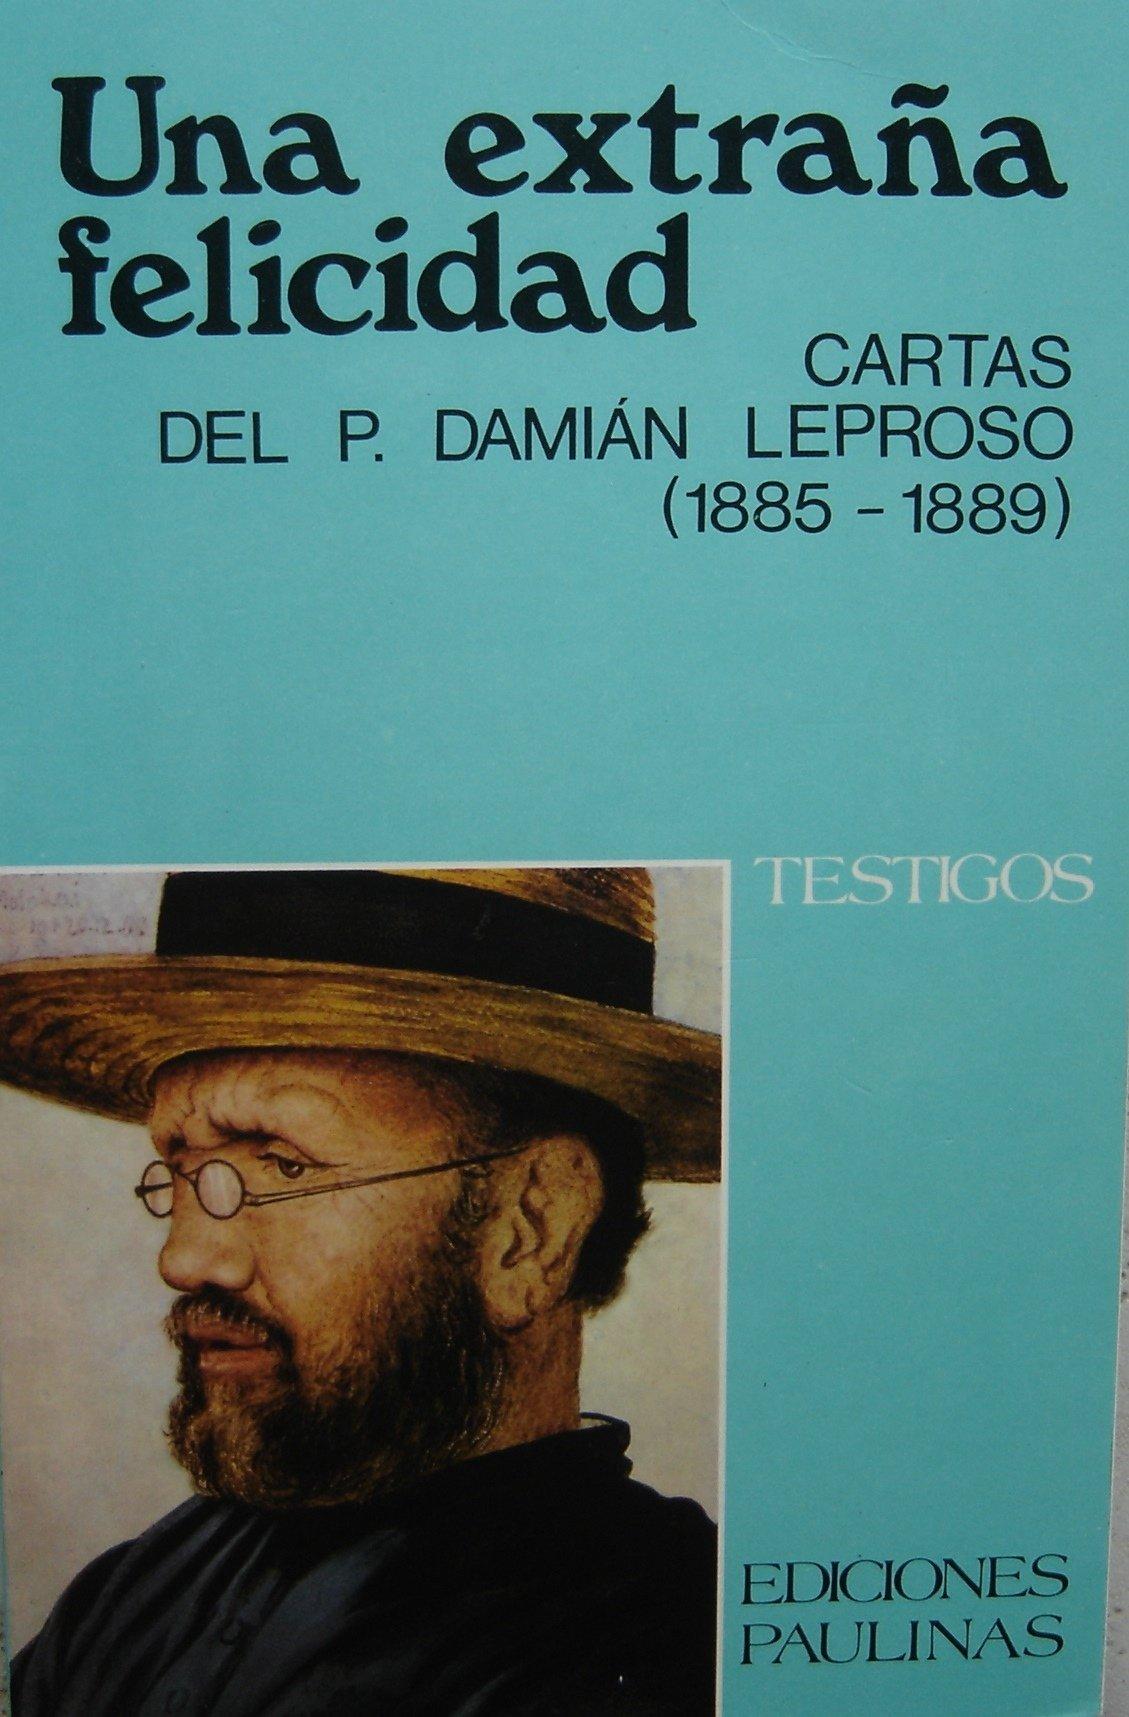 UNA EXTRAÑA FELICIDAD. CARTAS DEL PADRE DAMIÁN LEPROSO 1885 ...